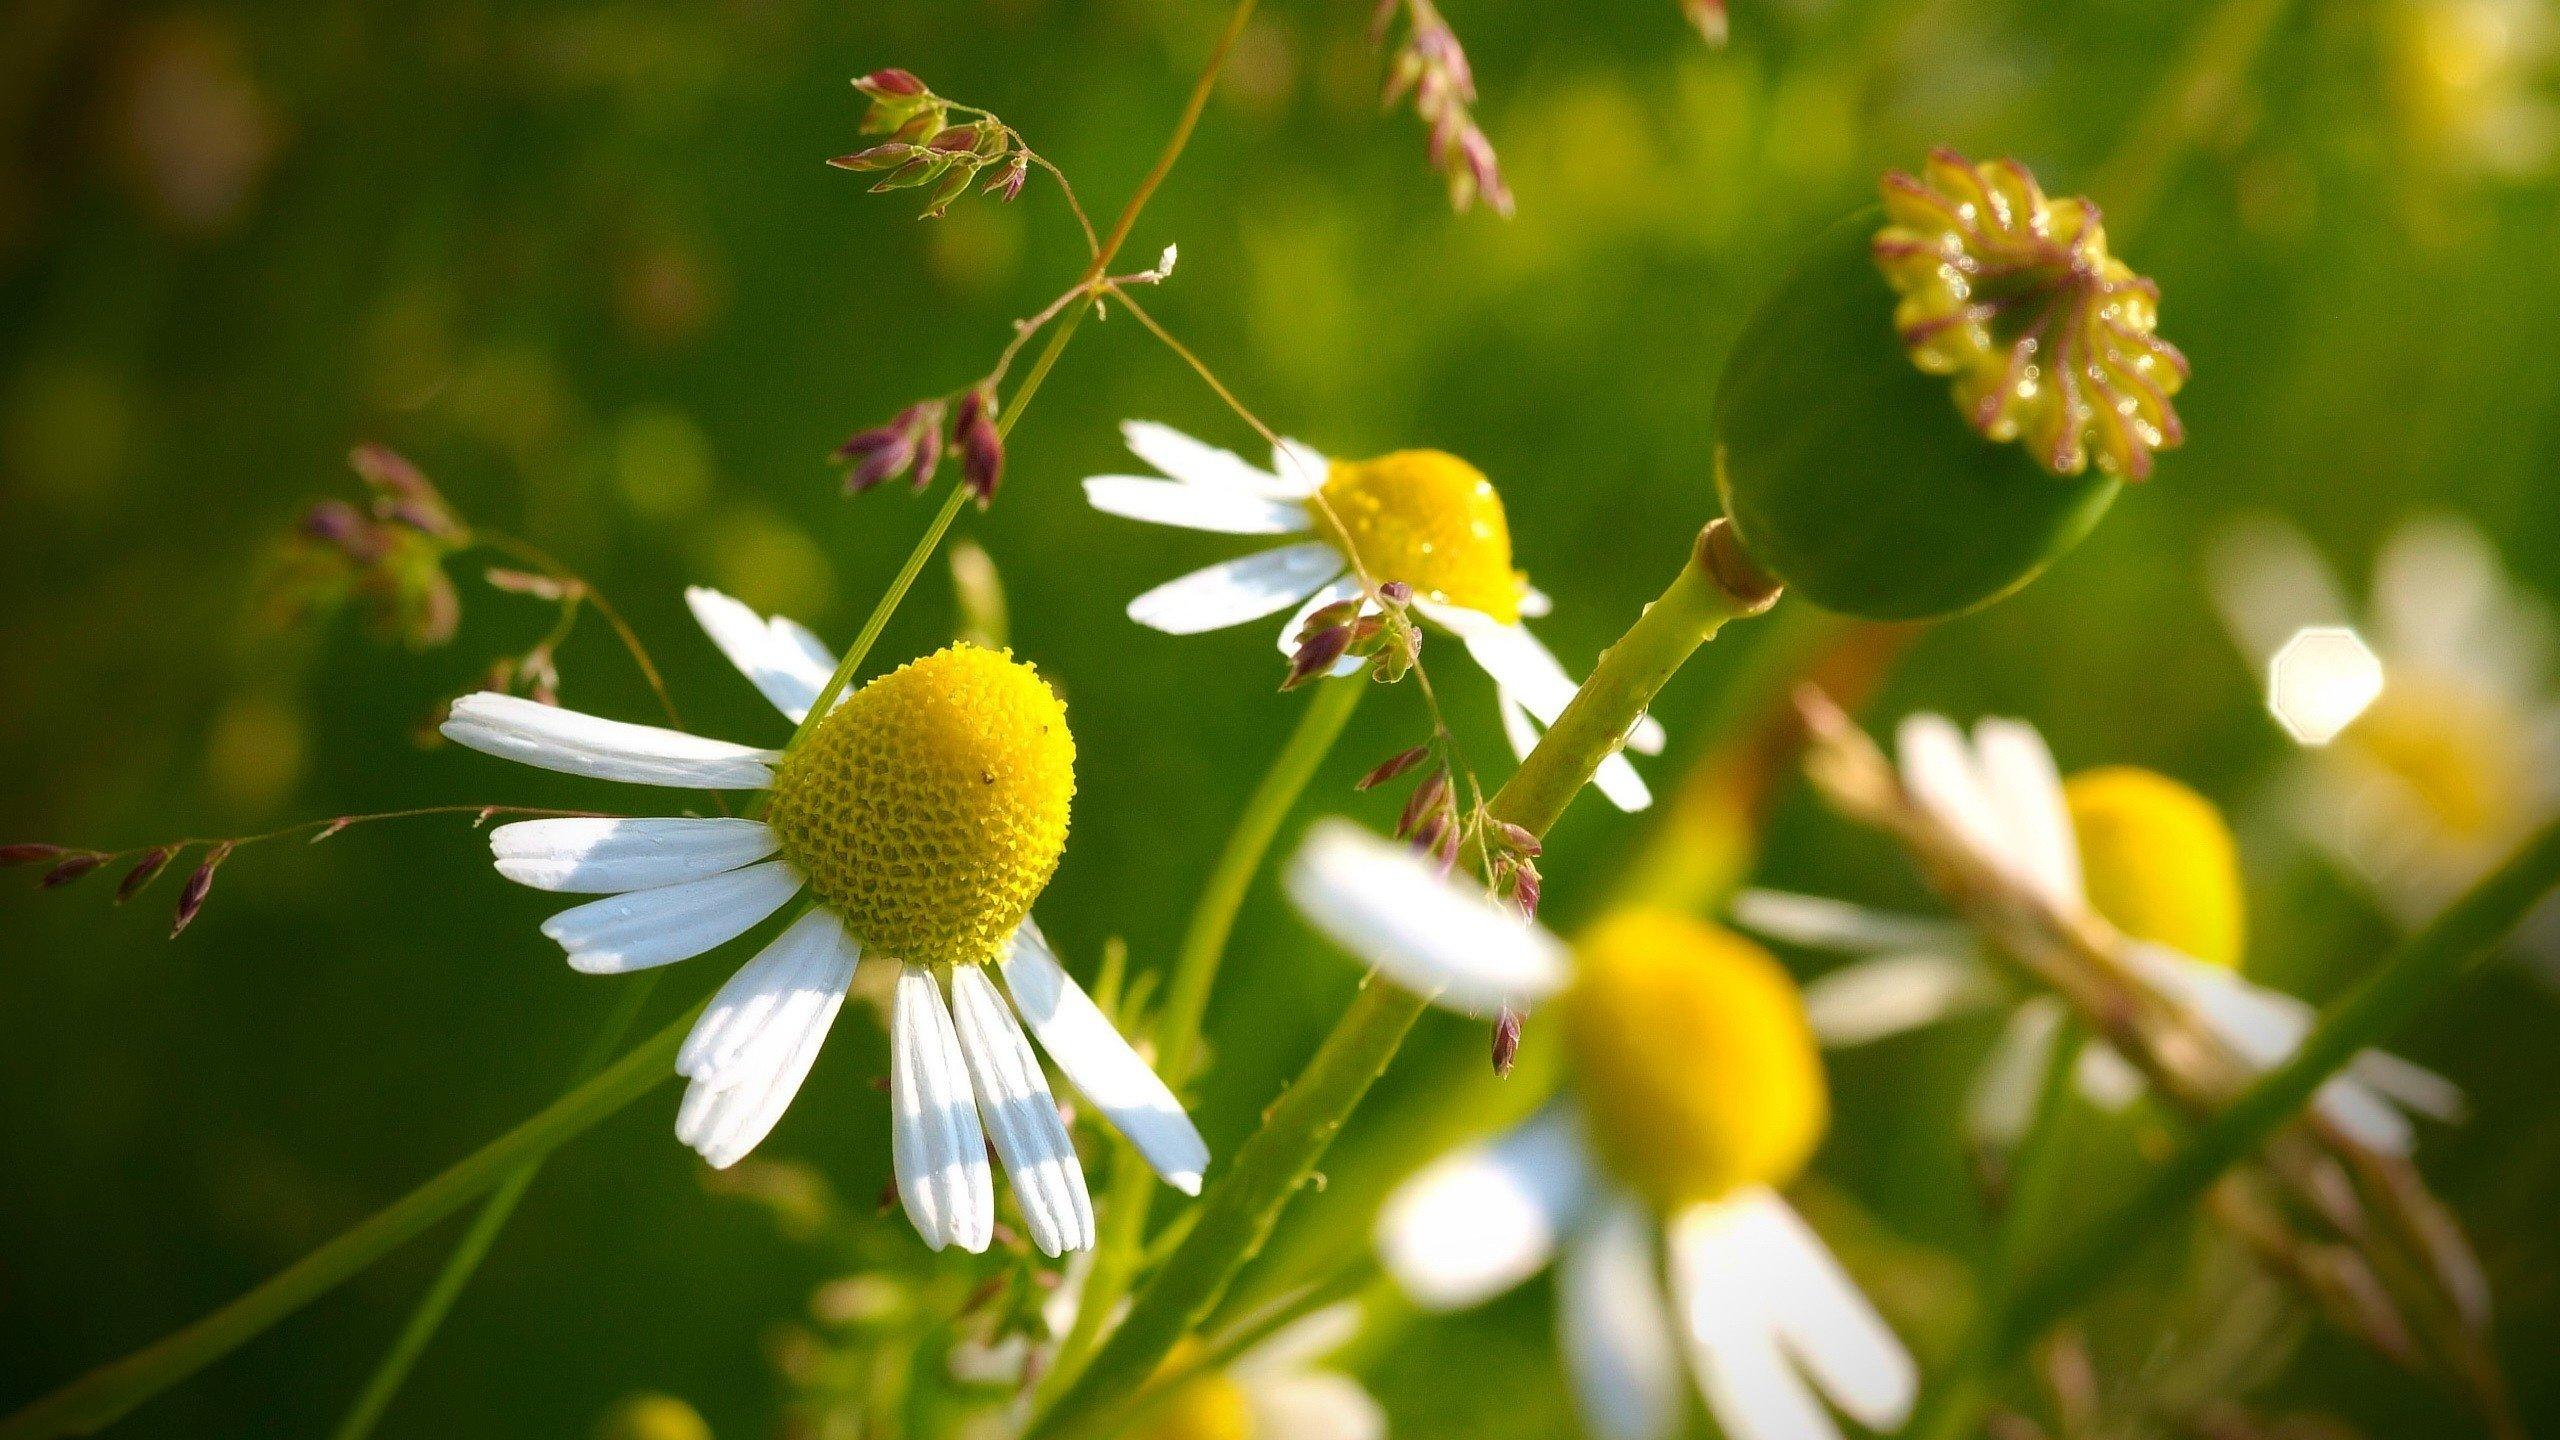 синий цветок ромашка макро скачать